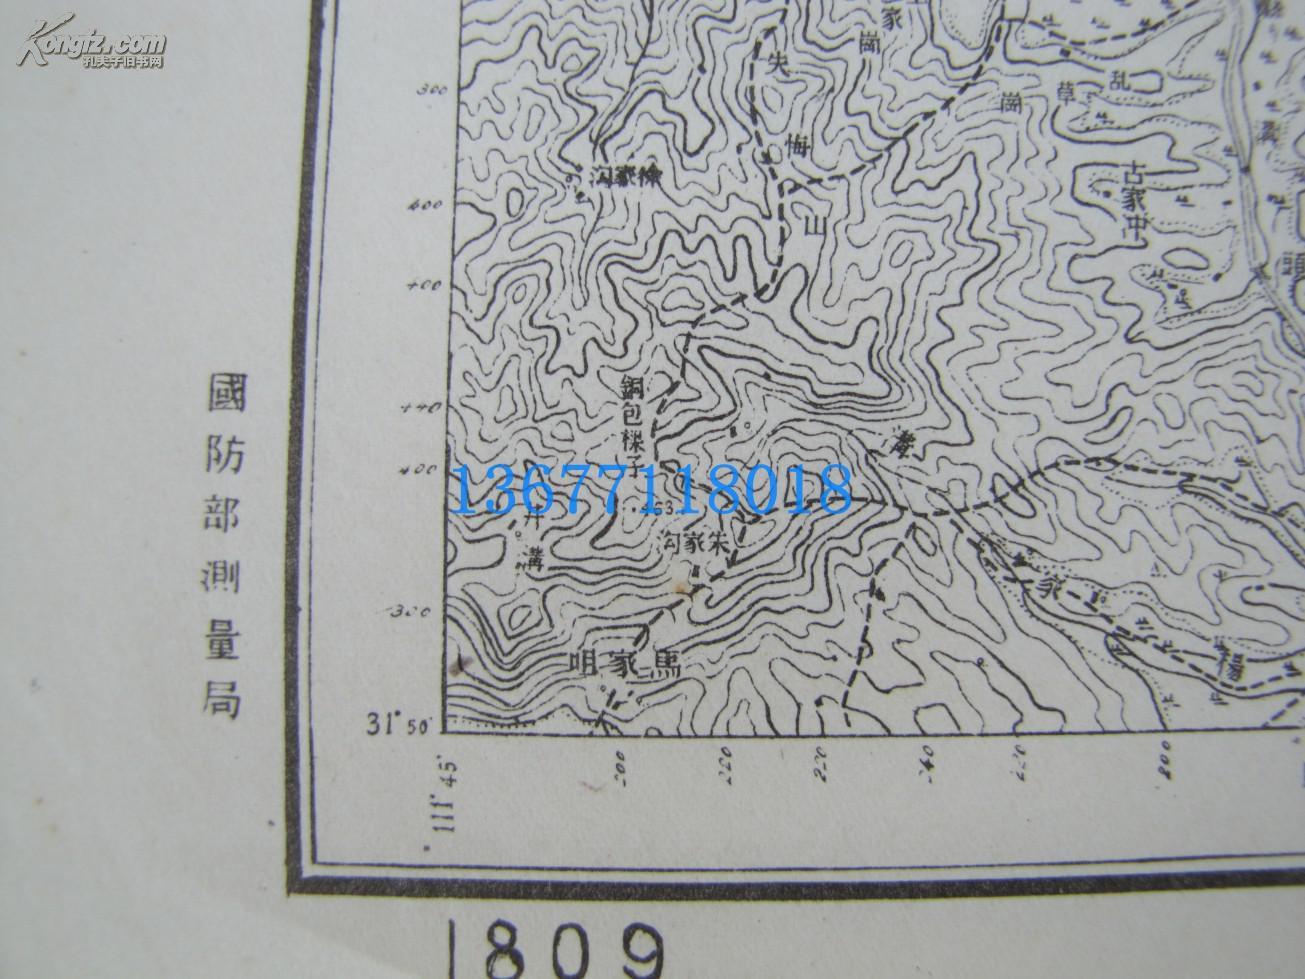 民国(国军)地图(179)~~湖北省南漳县襄阳县谷城县